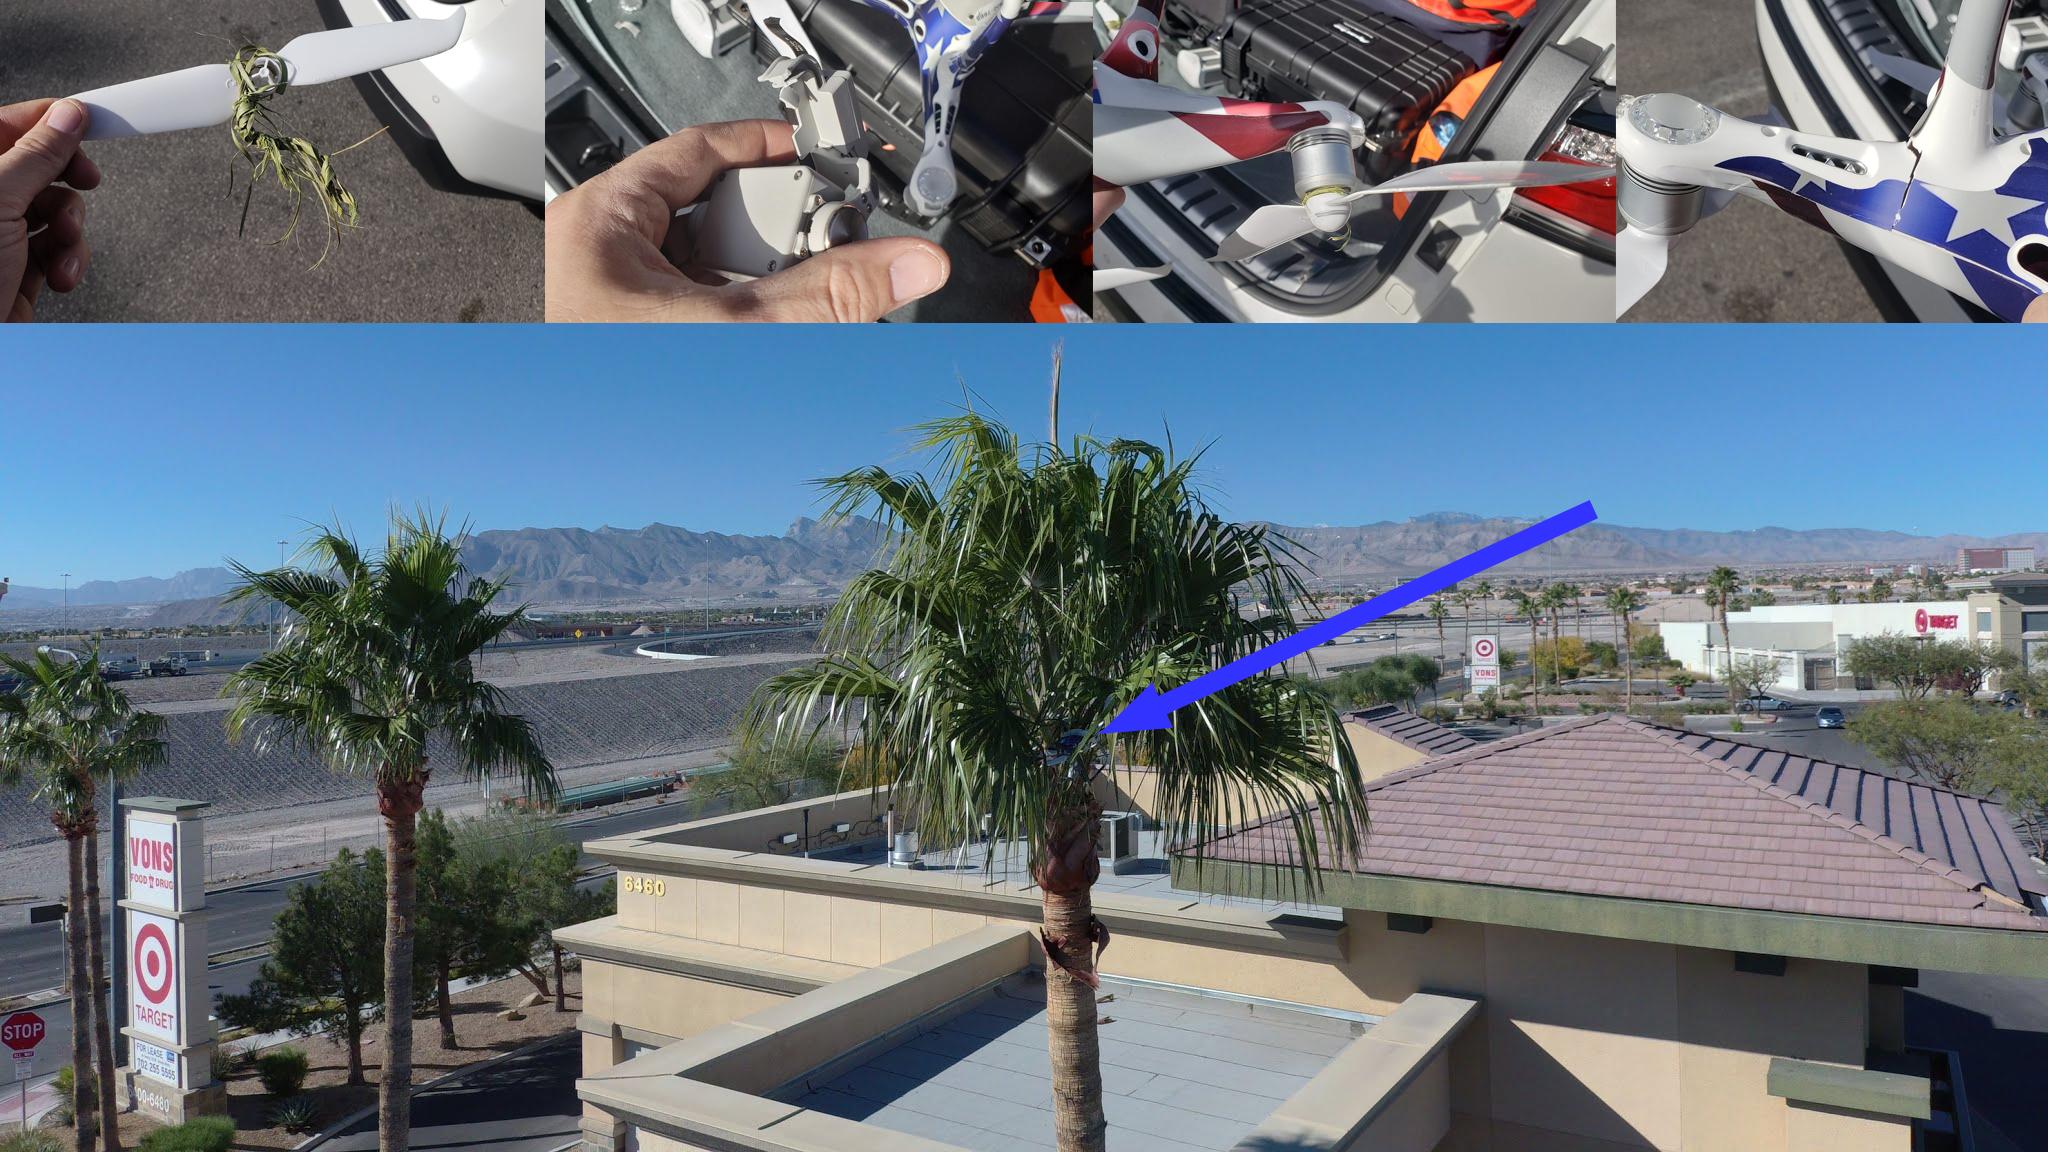 Commercial UAV – SMG